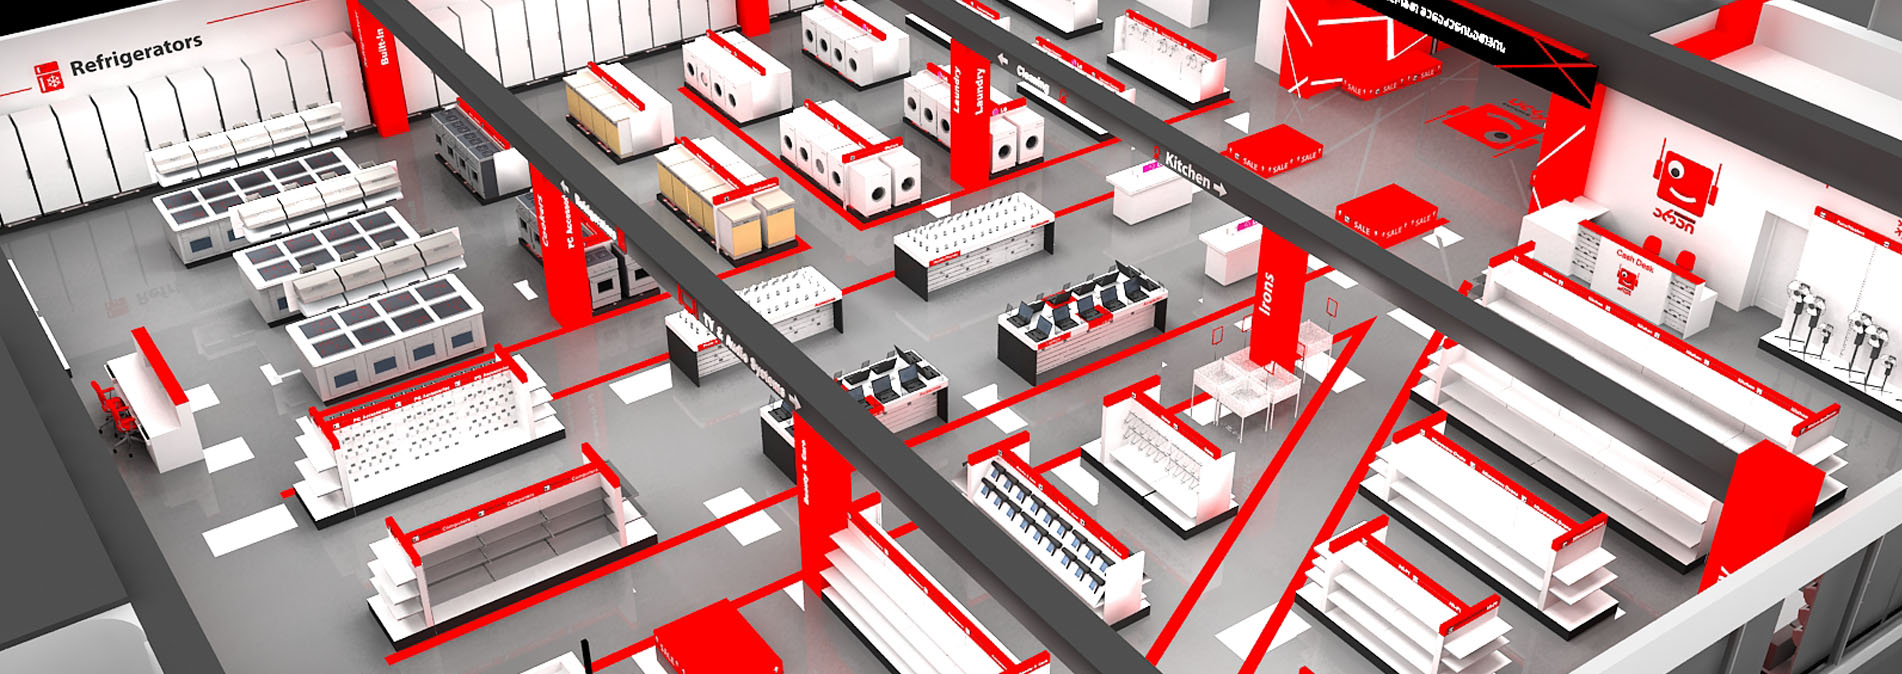 მაღაზიების დიზაინი და პროექტირება